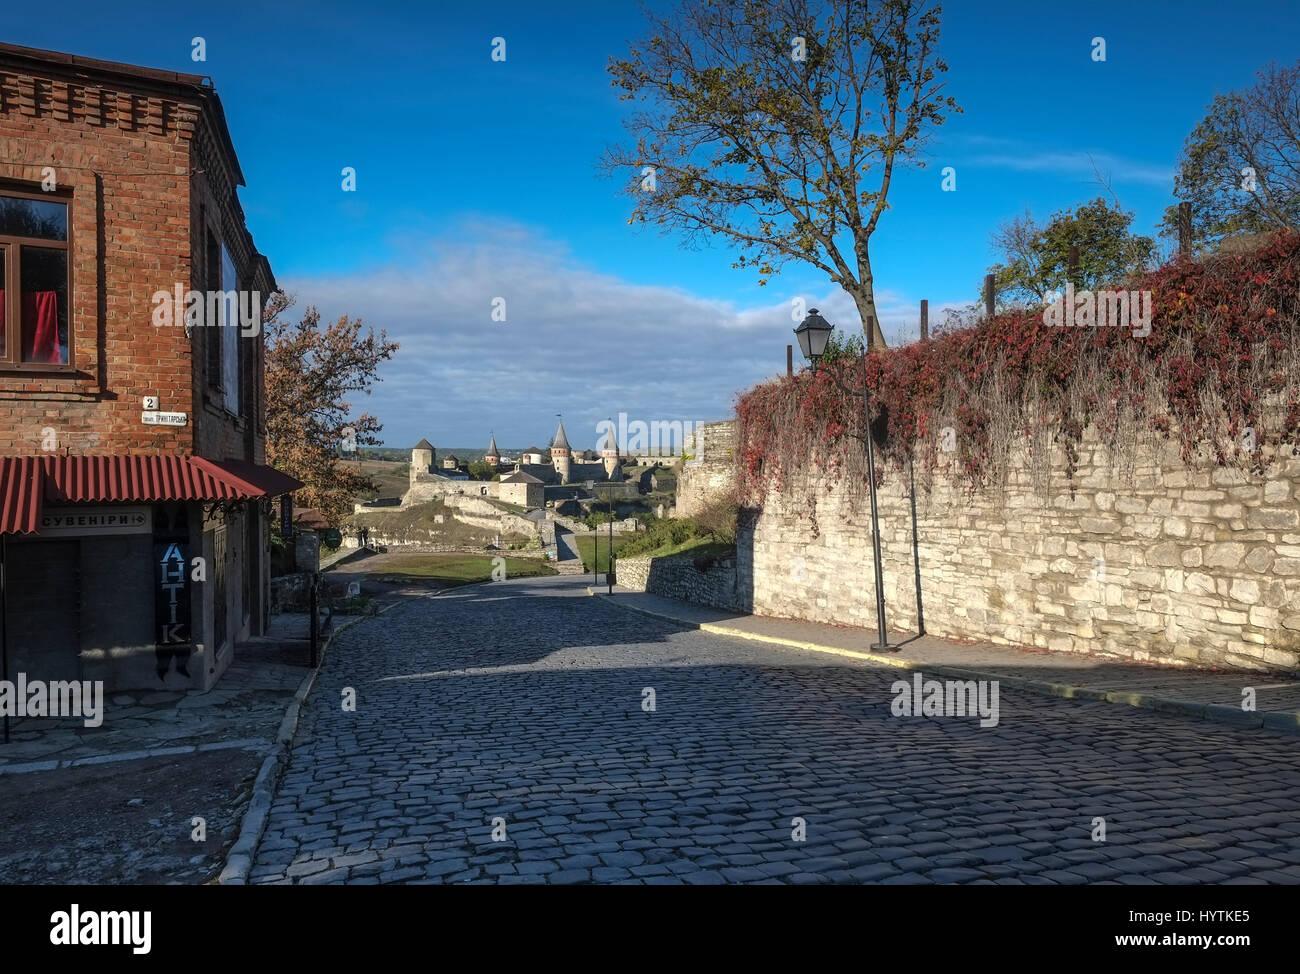 Vista della maggior parte zamkowy e castello di kamianets-podilskyi in Ucraina occidentale prese su una soleggiata Foto Stock